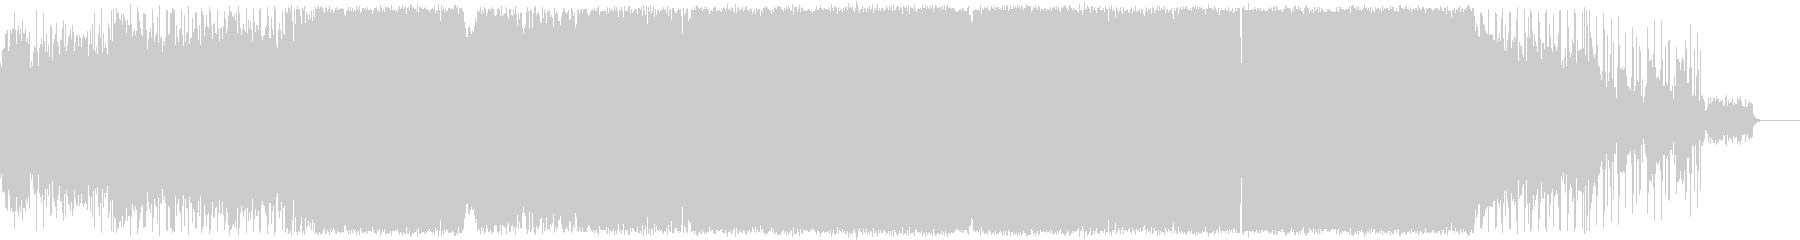 ハードロックバラード,ラウド,ギター生演の未再生の波形